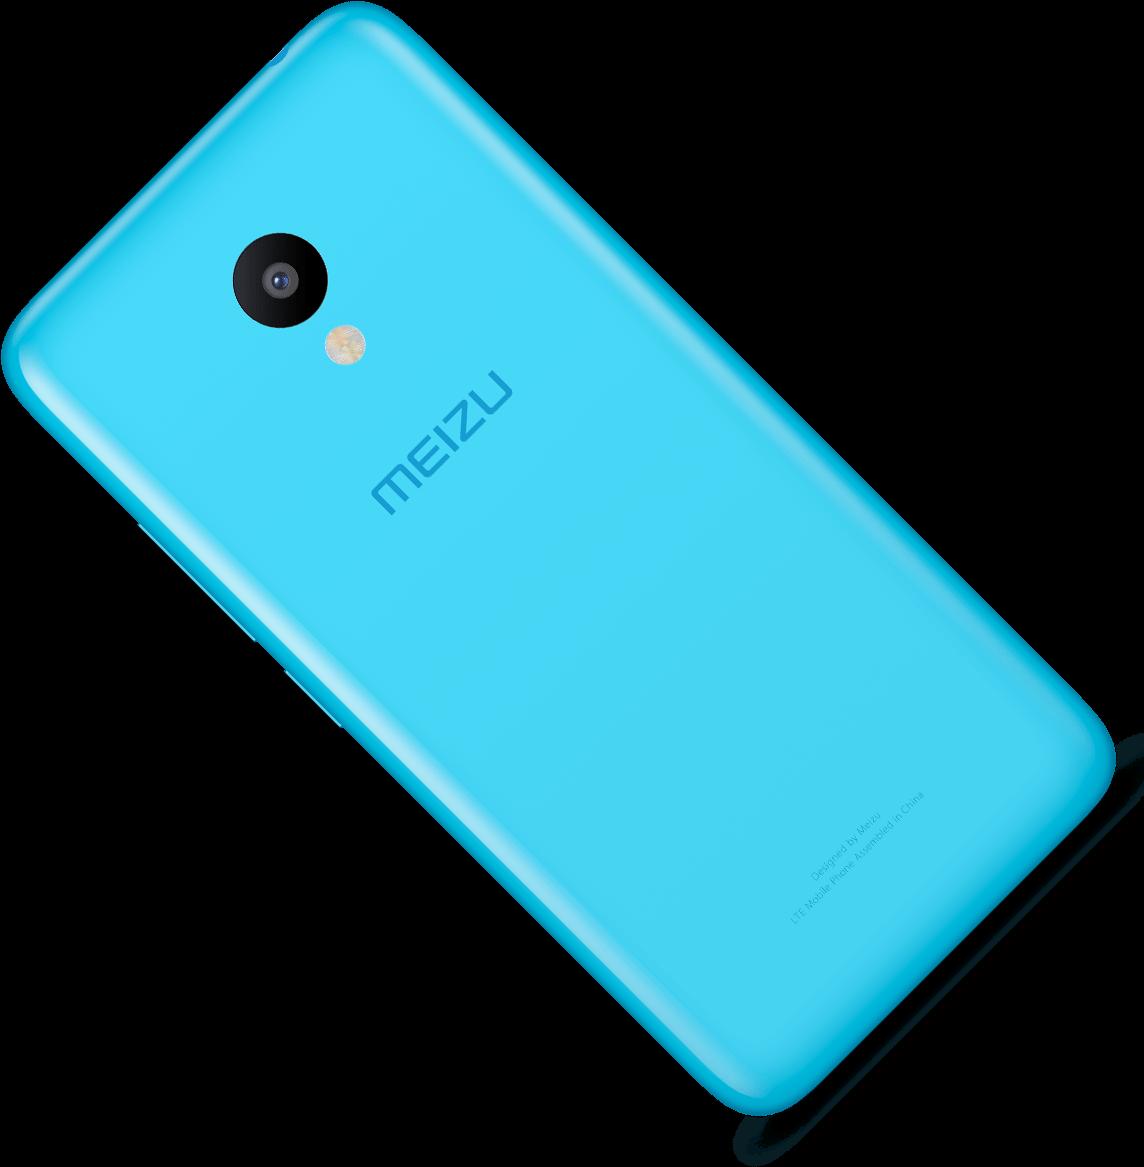 Meizu M3 Einsteigersmartphone offiziell vorgestellt 7